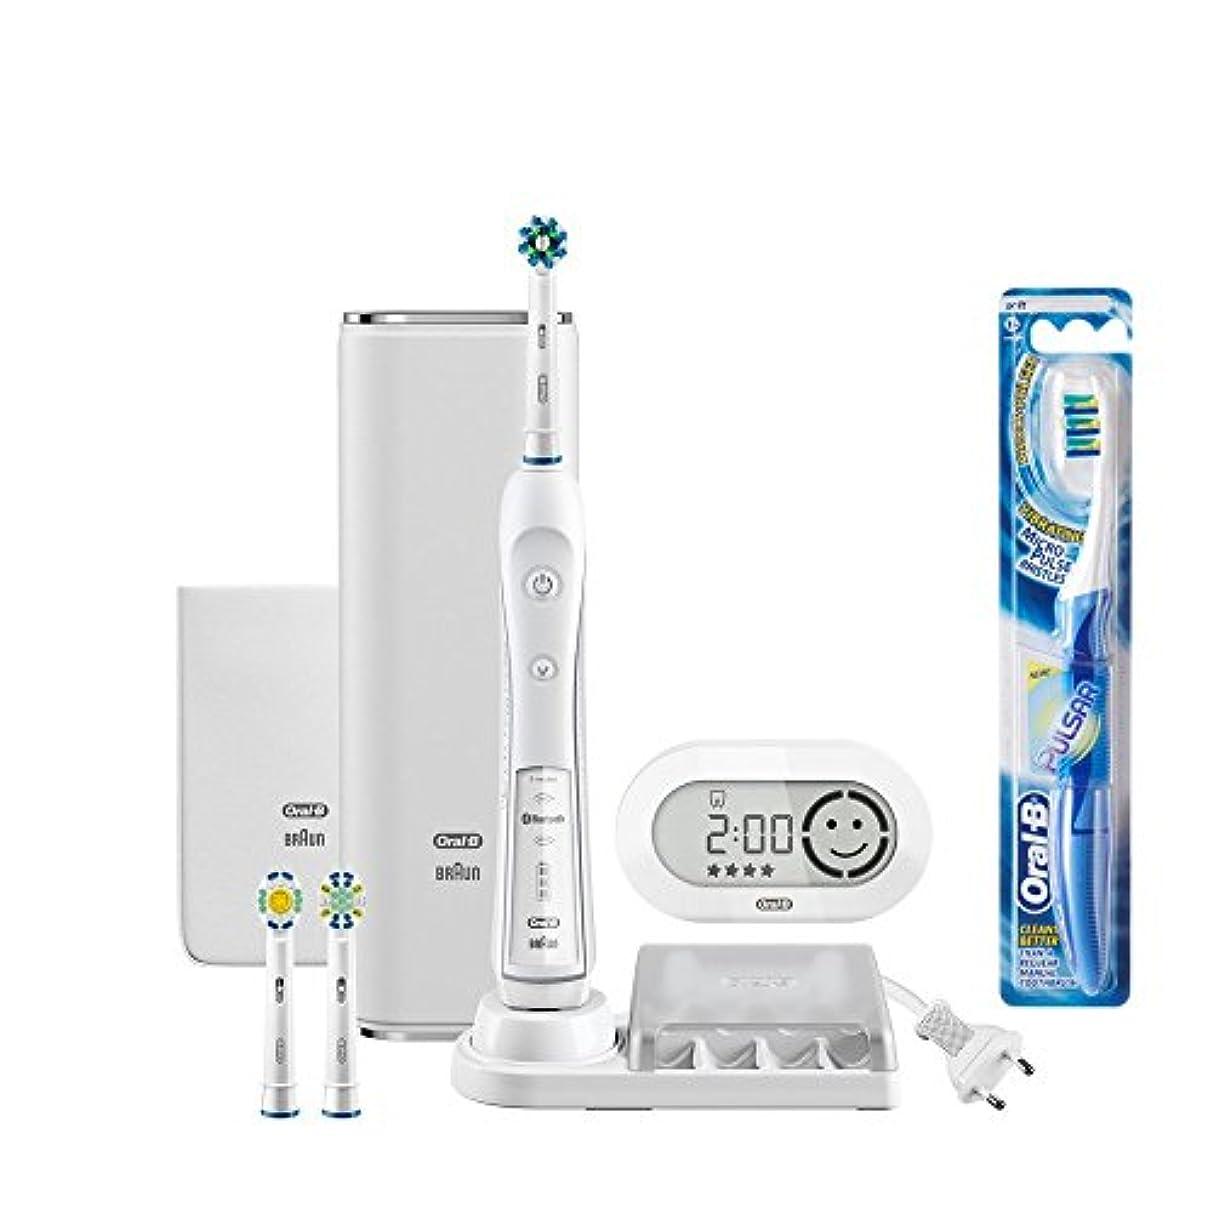 悪因子混合非公式ブラウン オーラルB 電動歯ブラシ プラチナホワイト 7000 D365356WHP スマホアプリ連動 ホワイト